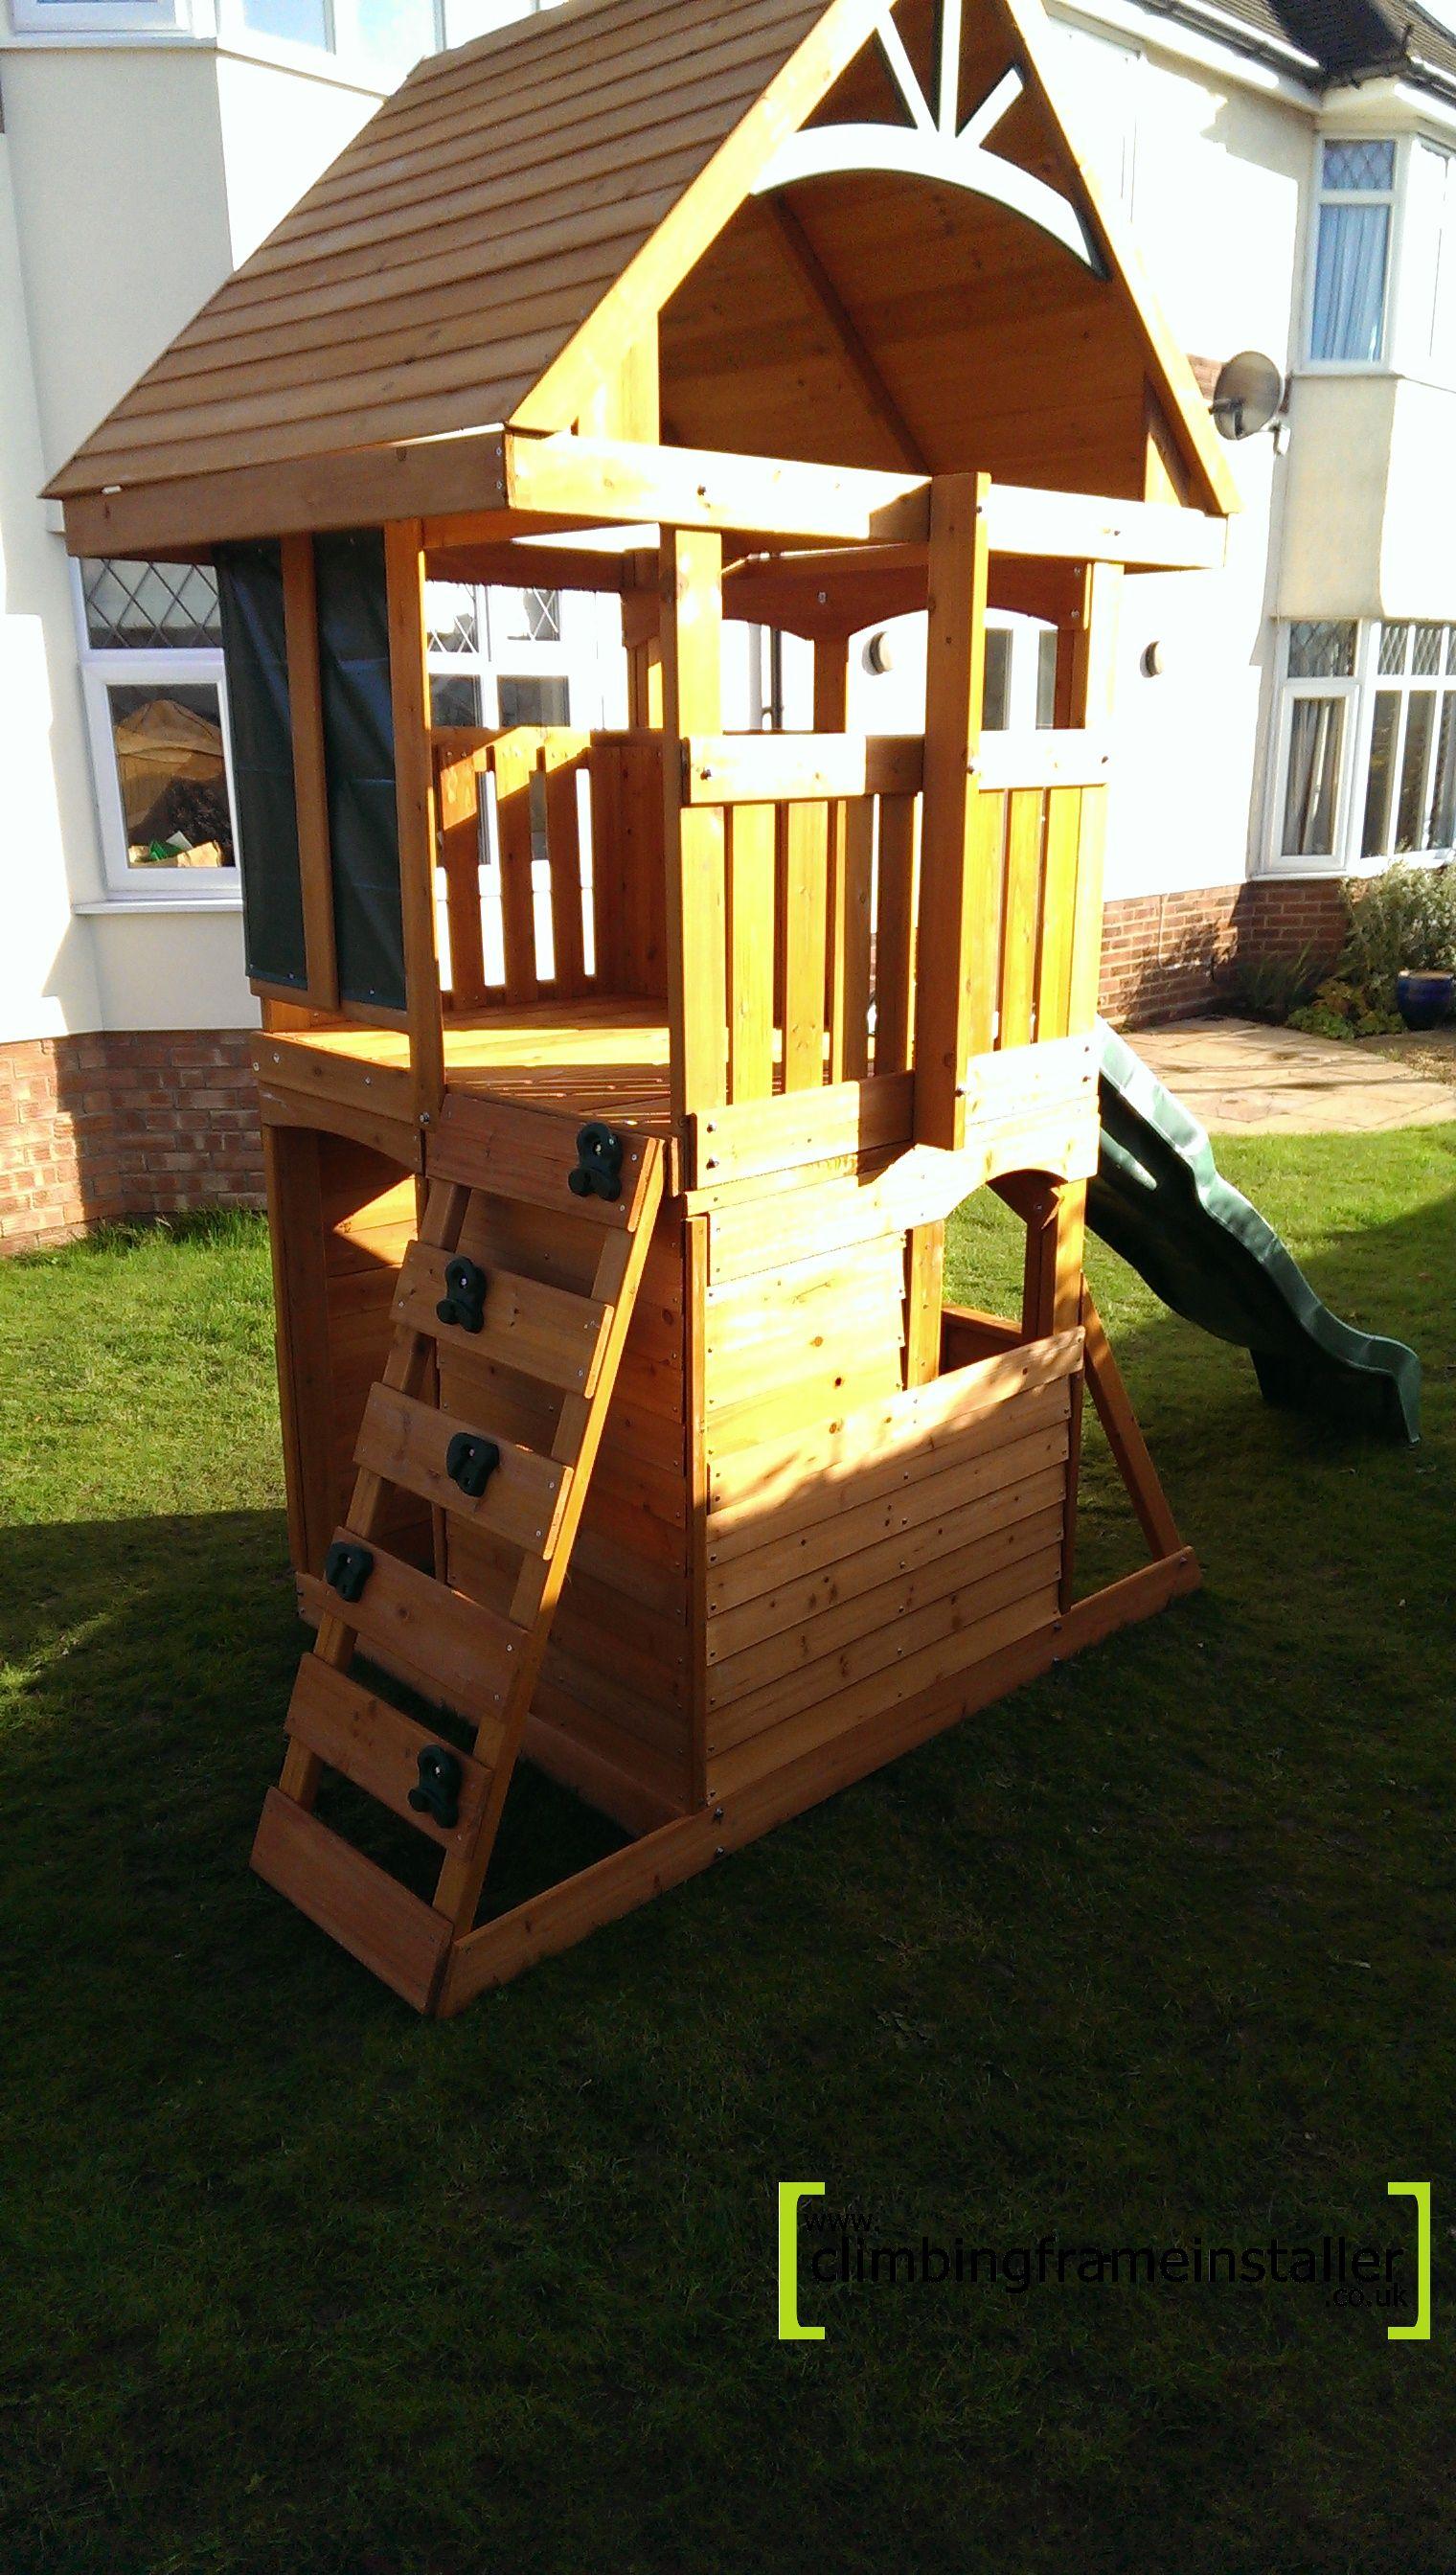 rendle fort climbing frame climbing frame installer. Black Bedroom Furniture Sets. Home Design Ideas